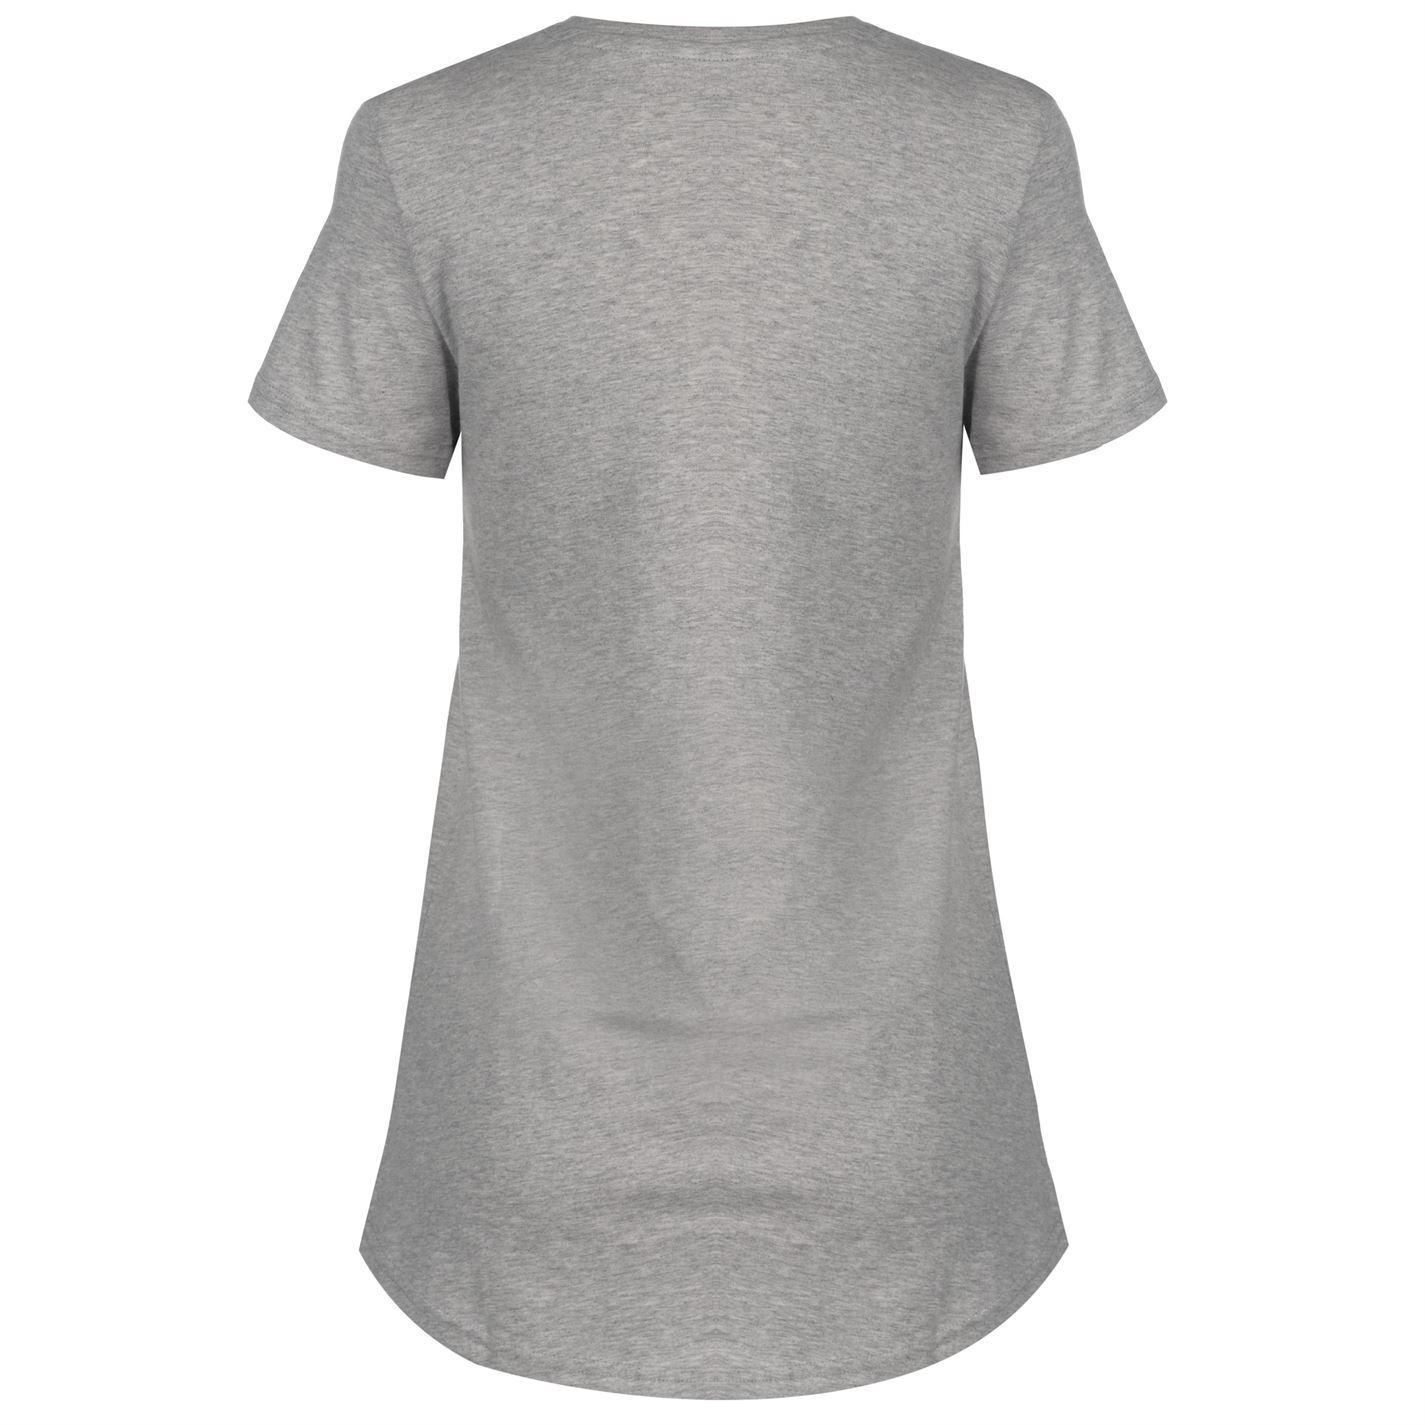 Détails sur Puma Femme Big Logo Qt T shirt à encolure ras du Cou Tee Top à manches courtes léger afficher le titre d'origine